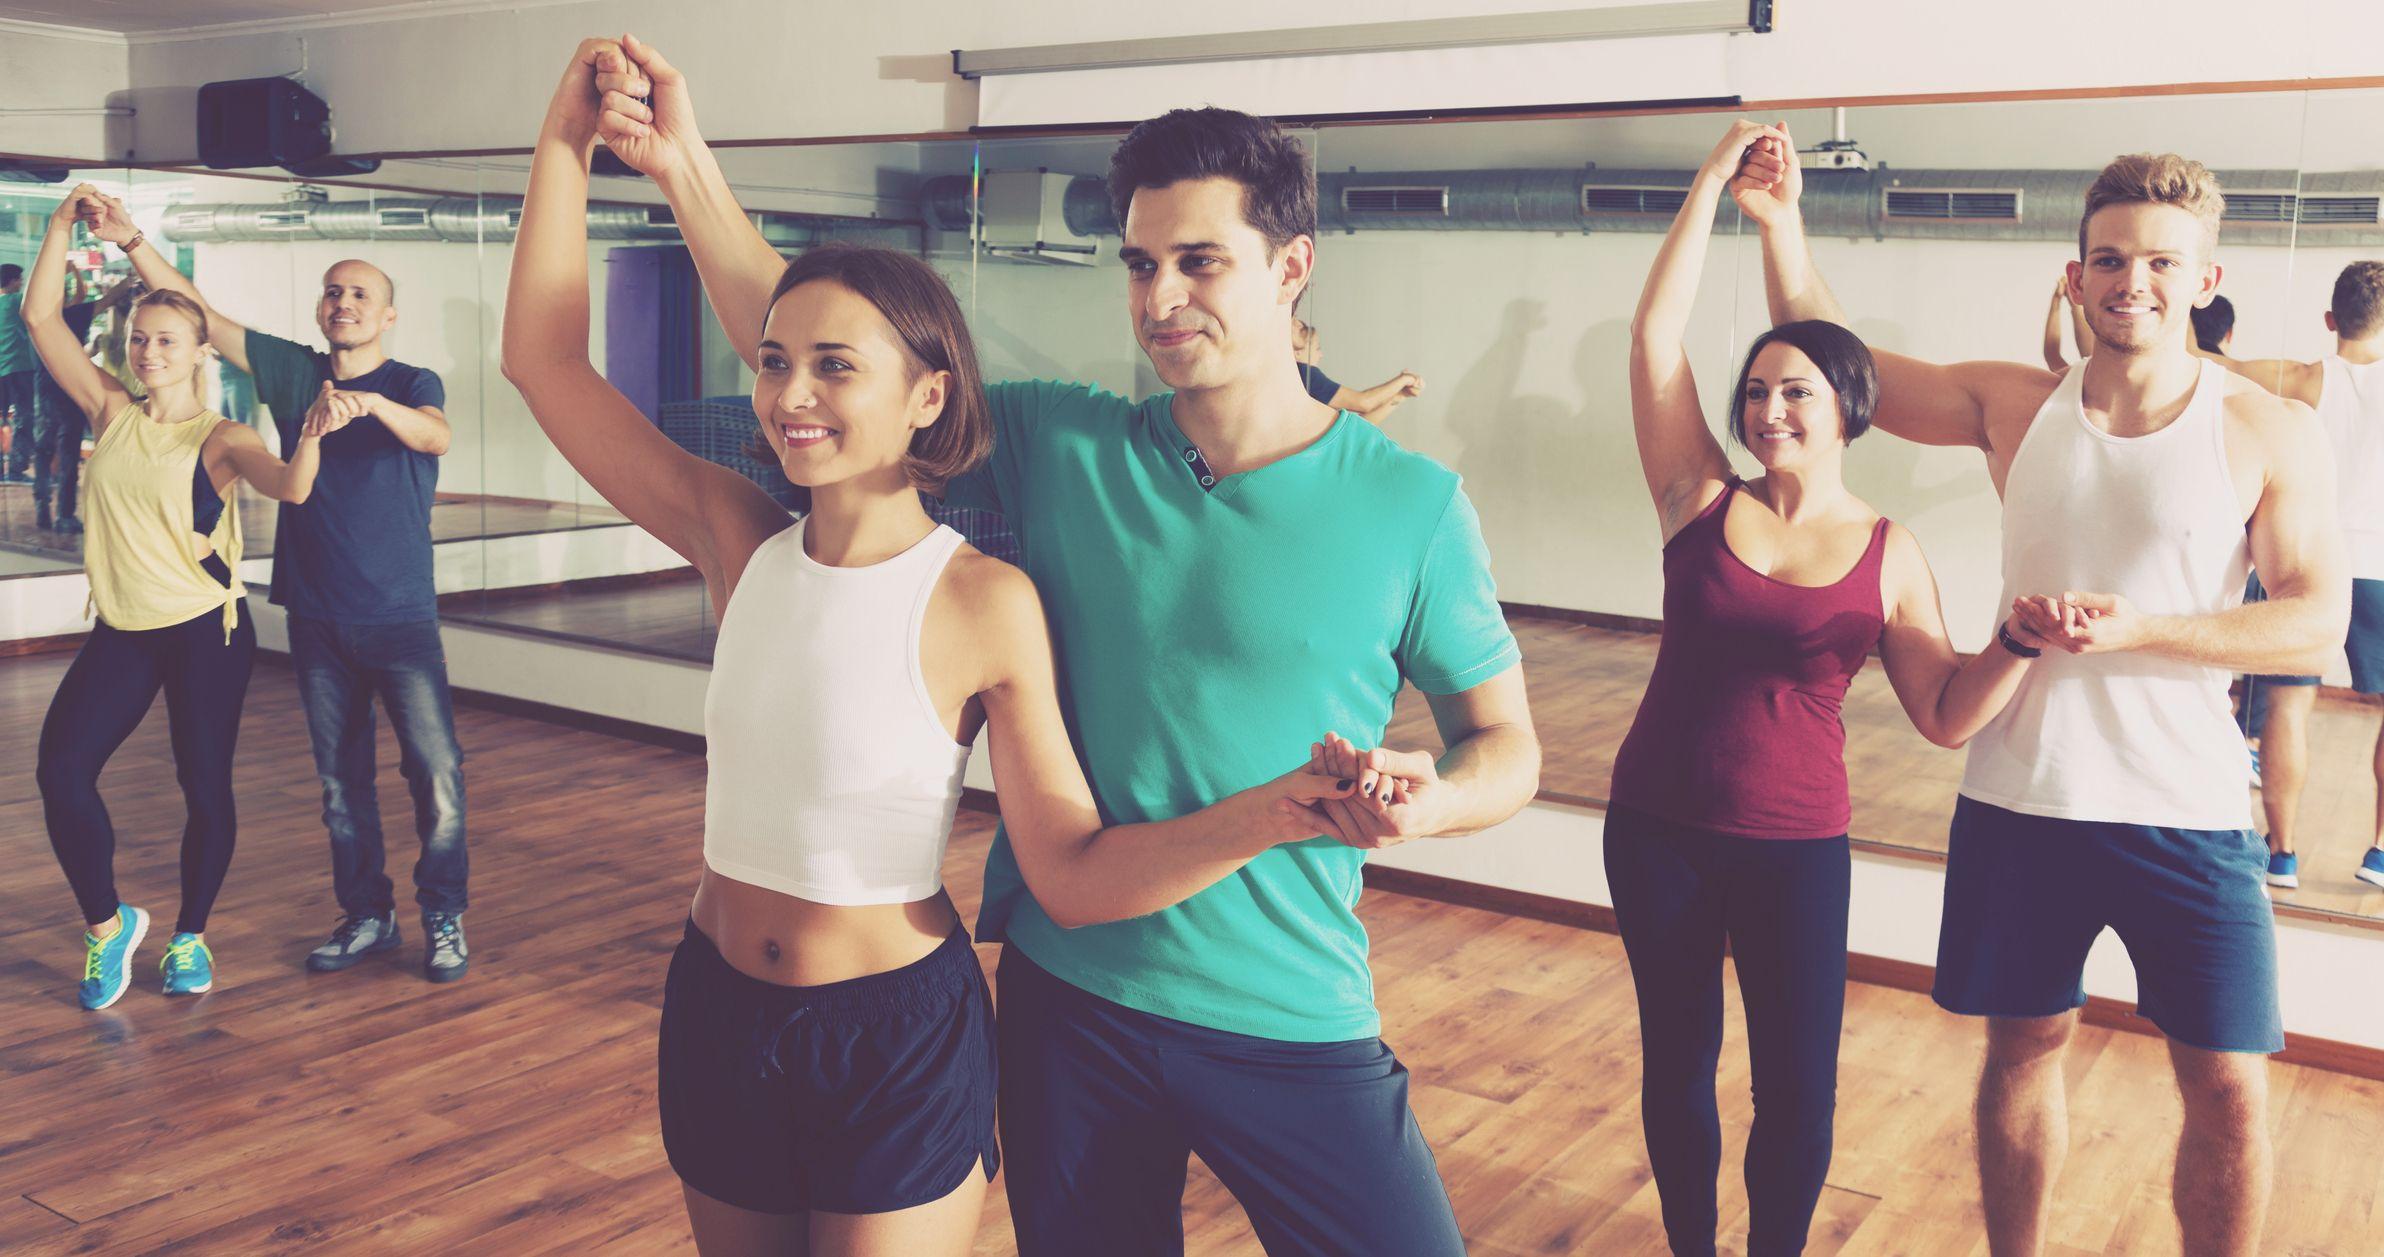 Academia de baile especializada en ritmos latinos